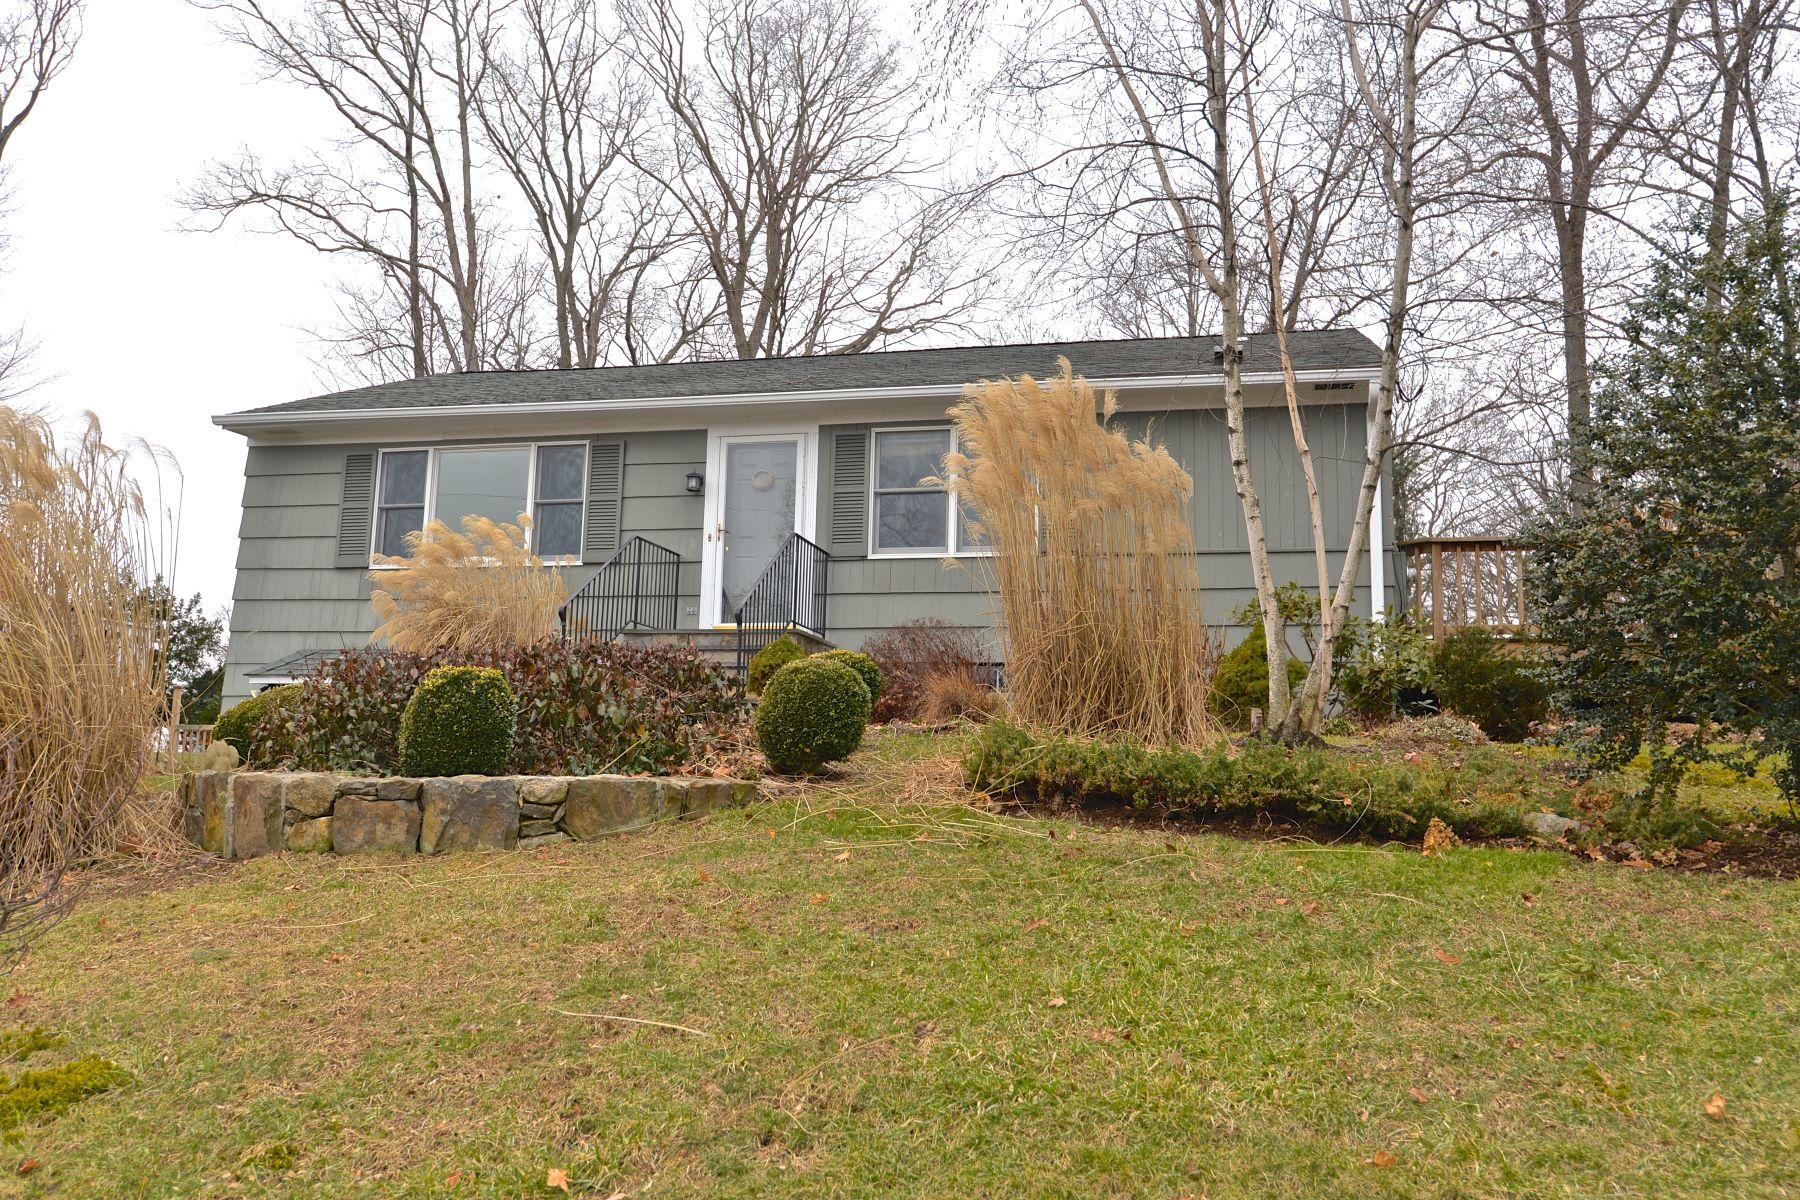 独户住宅 为 销售 在 Adorable Ranch In Candlewood Shores 32 Clearview Drive, 布鲁克菲尔德, 康涅狄格州, 06804 美国